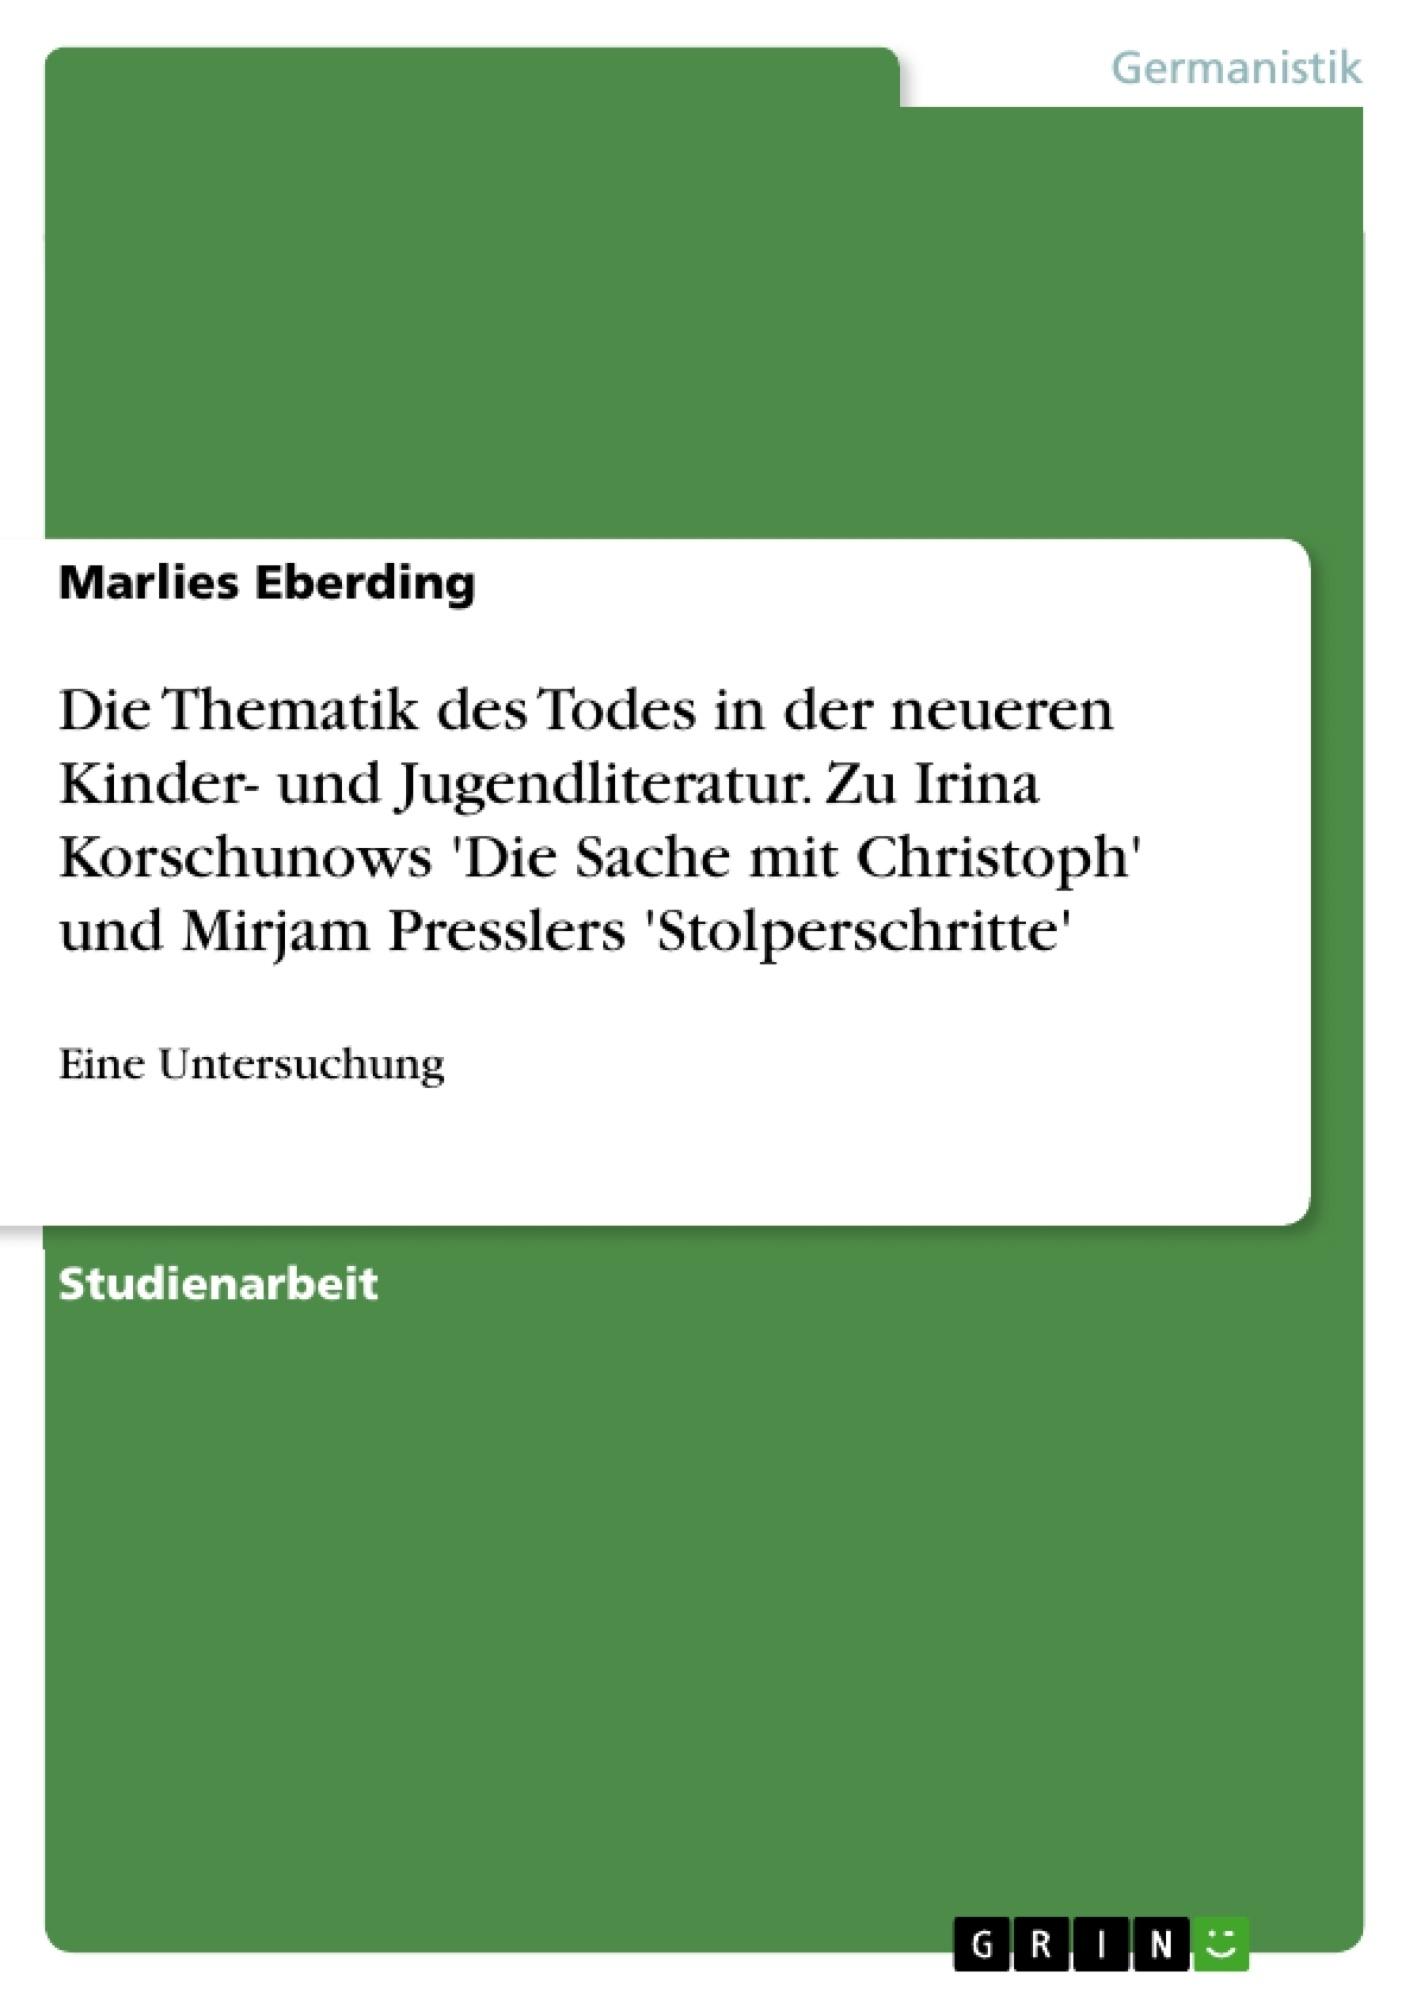 Titel: Die Thematik des Todes in der neueren Kinder- und Jugendliteratur. Zu Irina Korschunows 'Die Sache mit Christoph'  und Mirjam Presslers 'Stolperschritte'